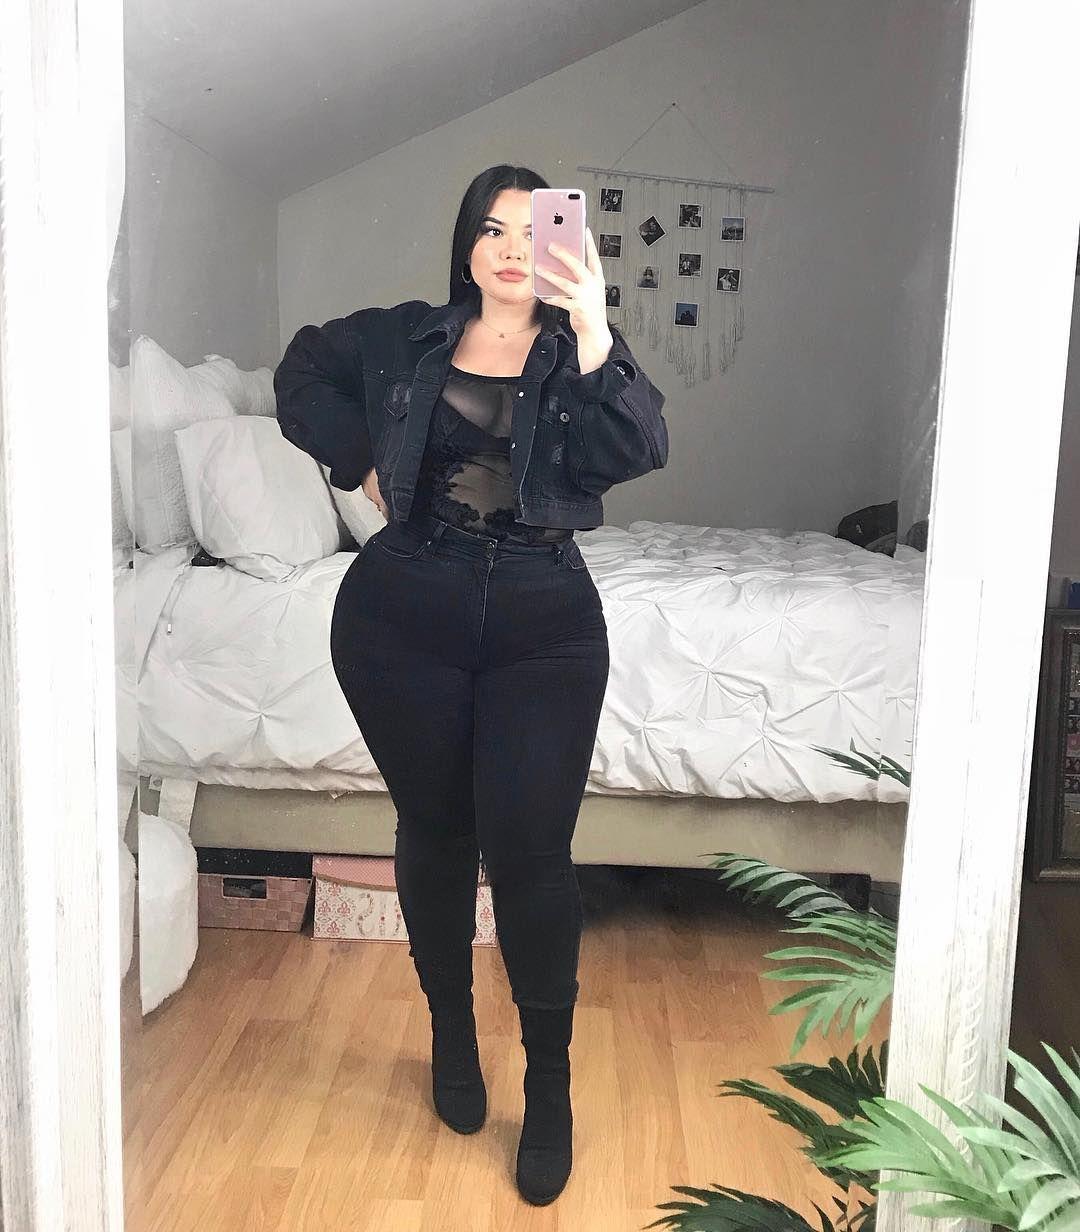 égesse meg kövér